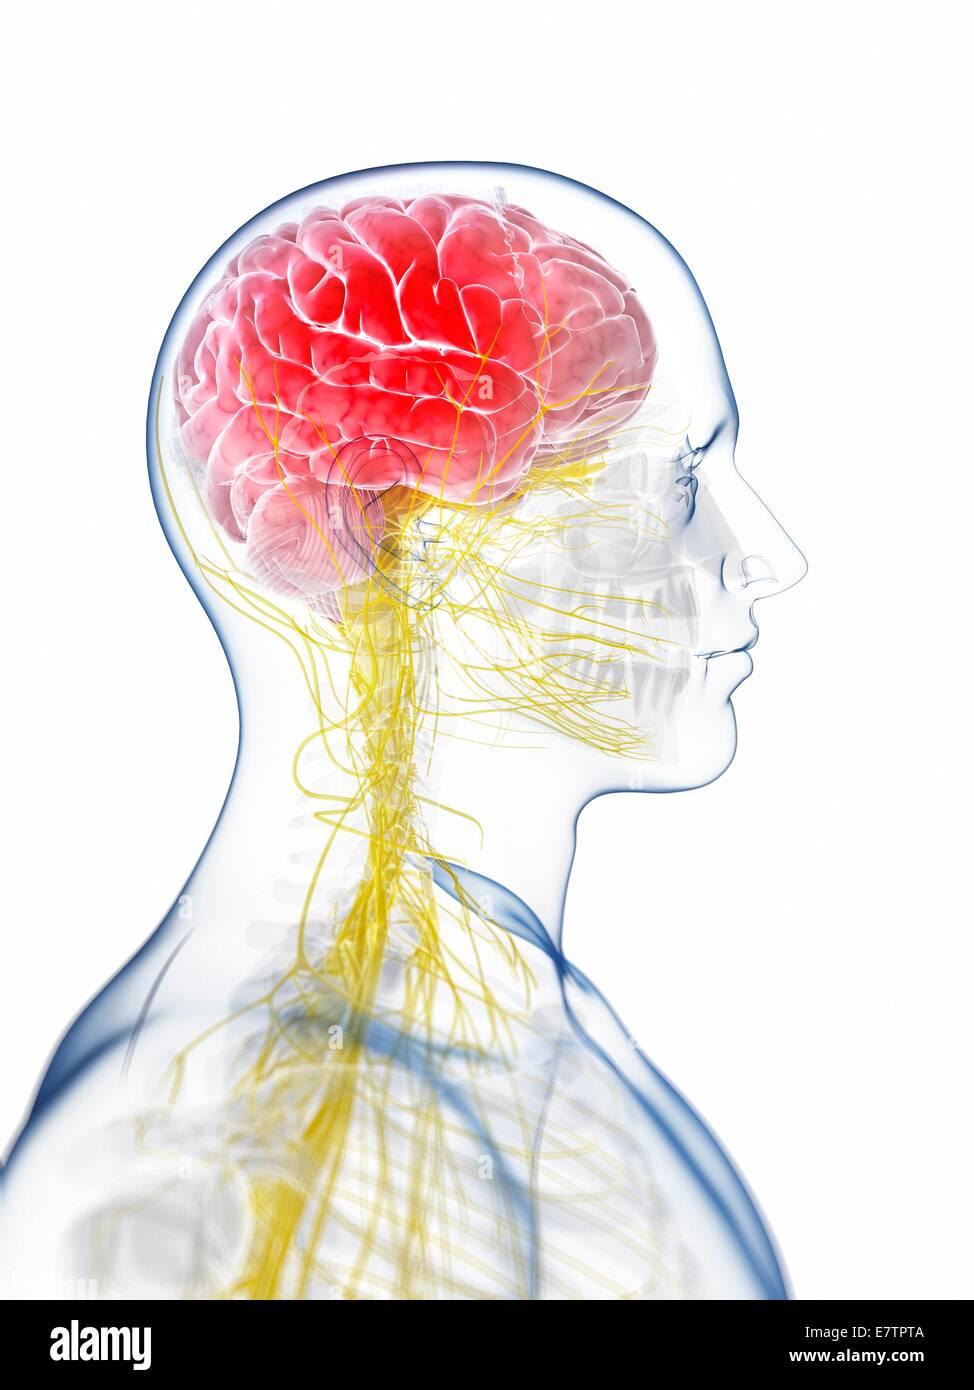 Menschliche Gehirn Anatomie, Computer-Grafik Stockfoto, Bild ...